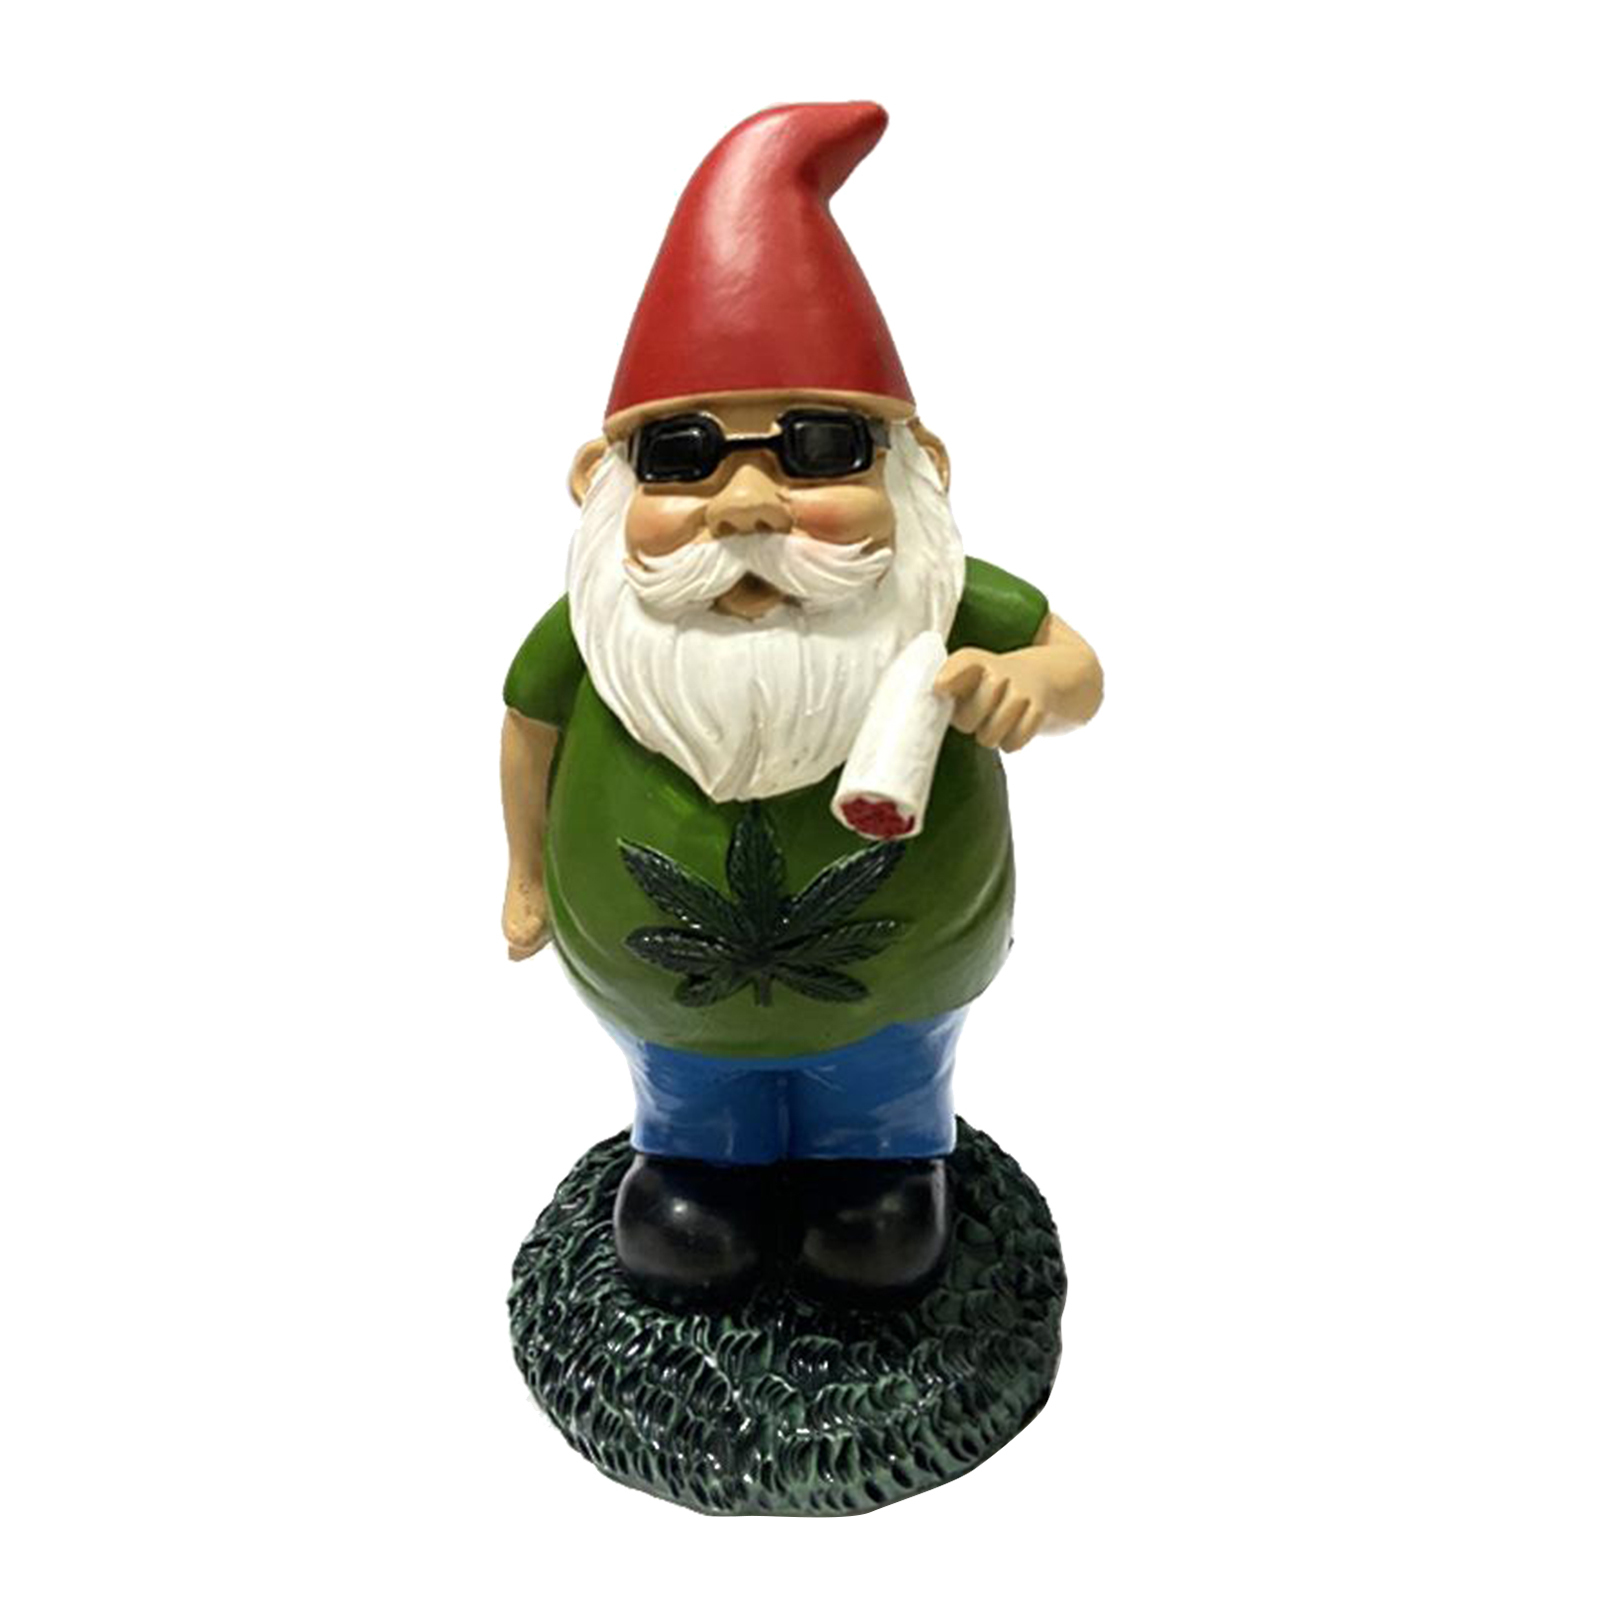 thumbnail 36 - Garden Gnome Polyresin Garden Sculpture Outdoor/Indoor Decor Funny Lawn Figurine